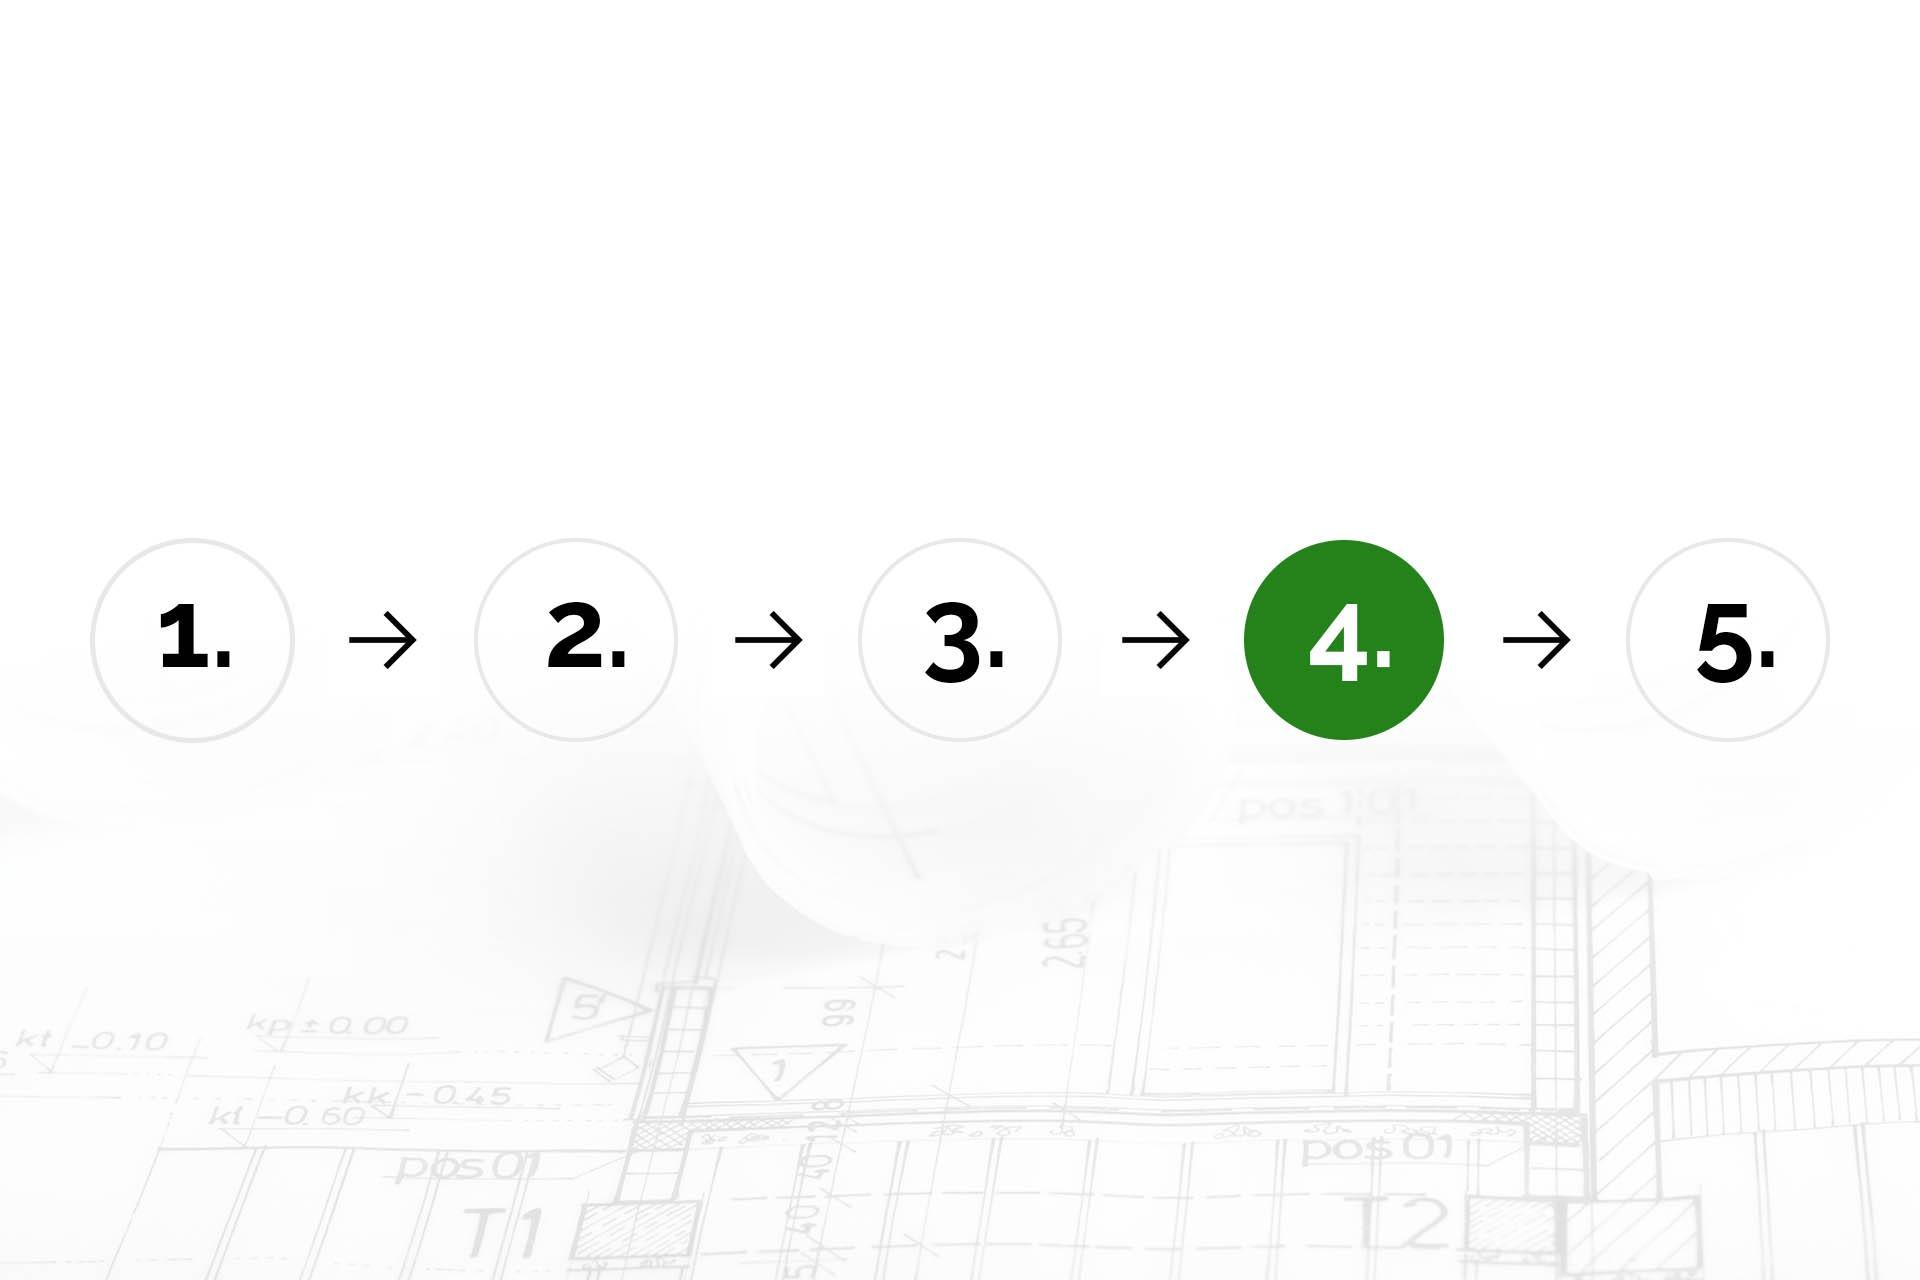 4. Zpracování projektu